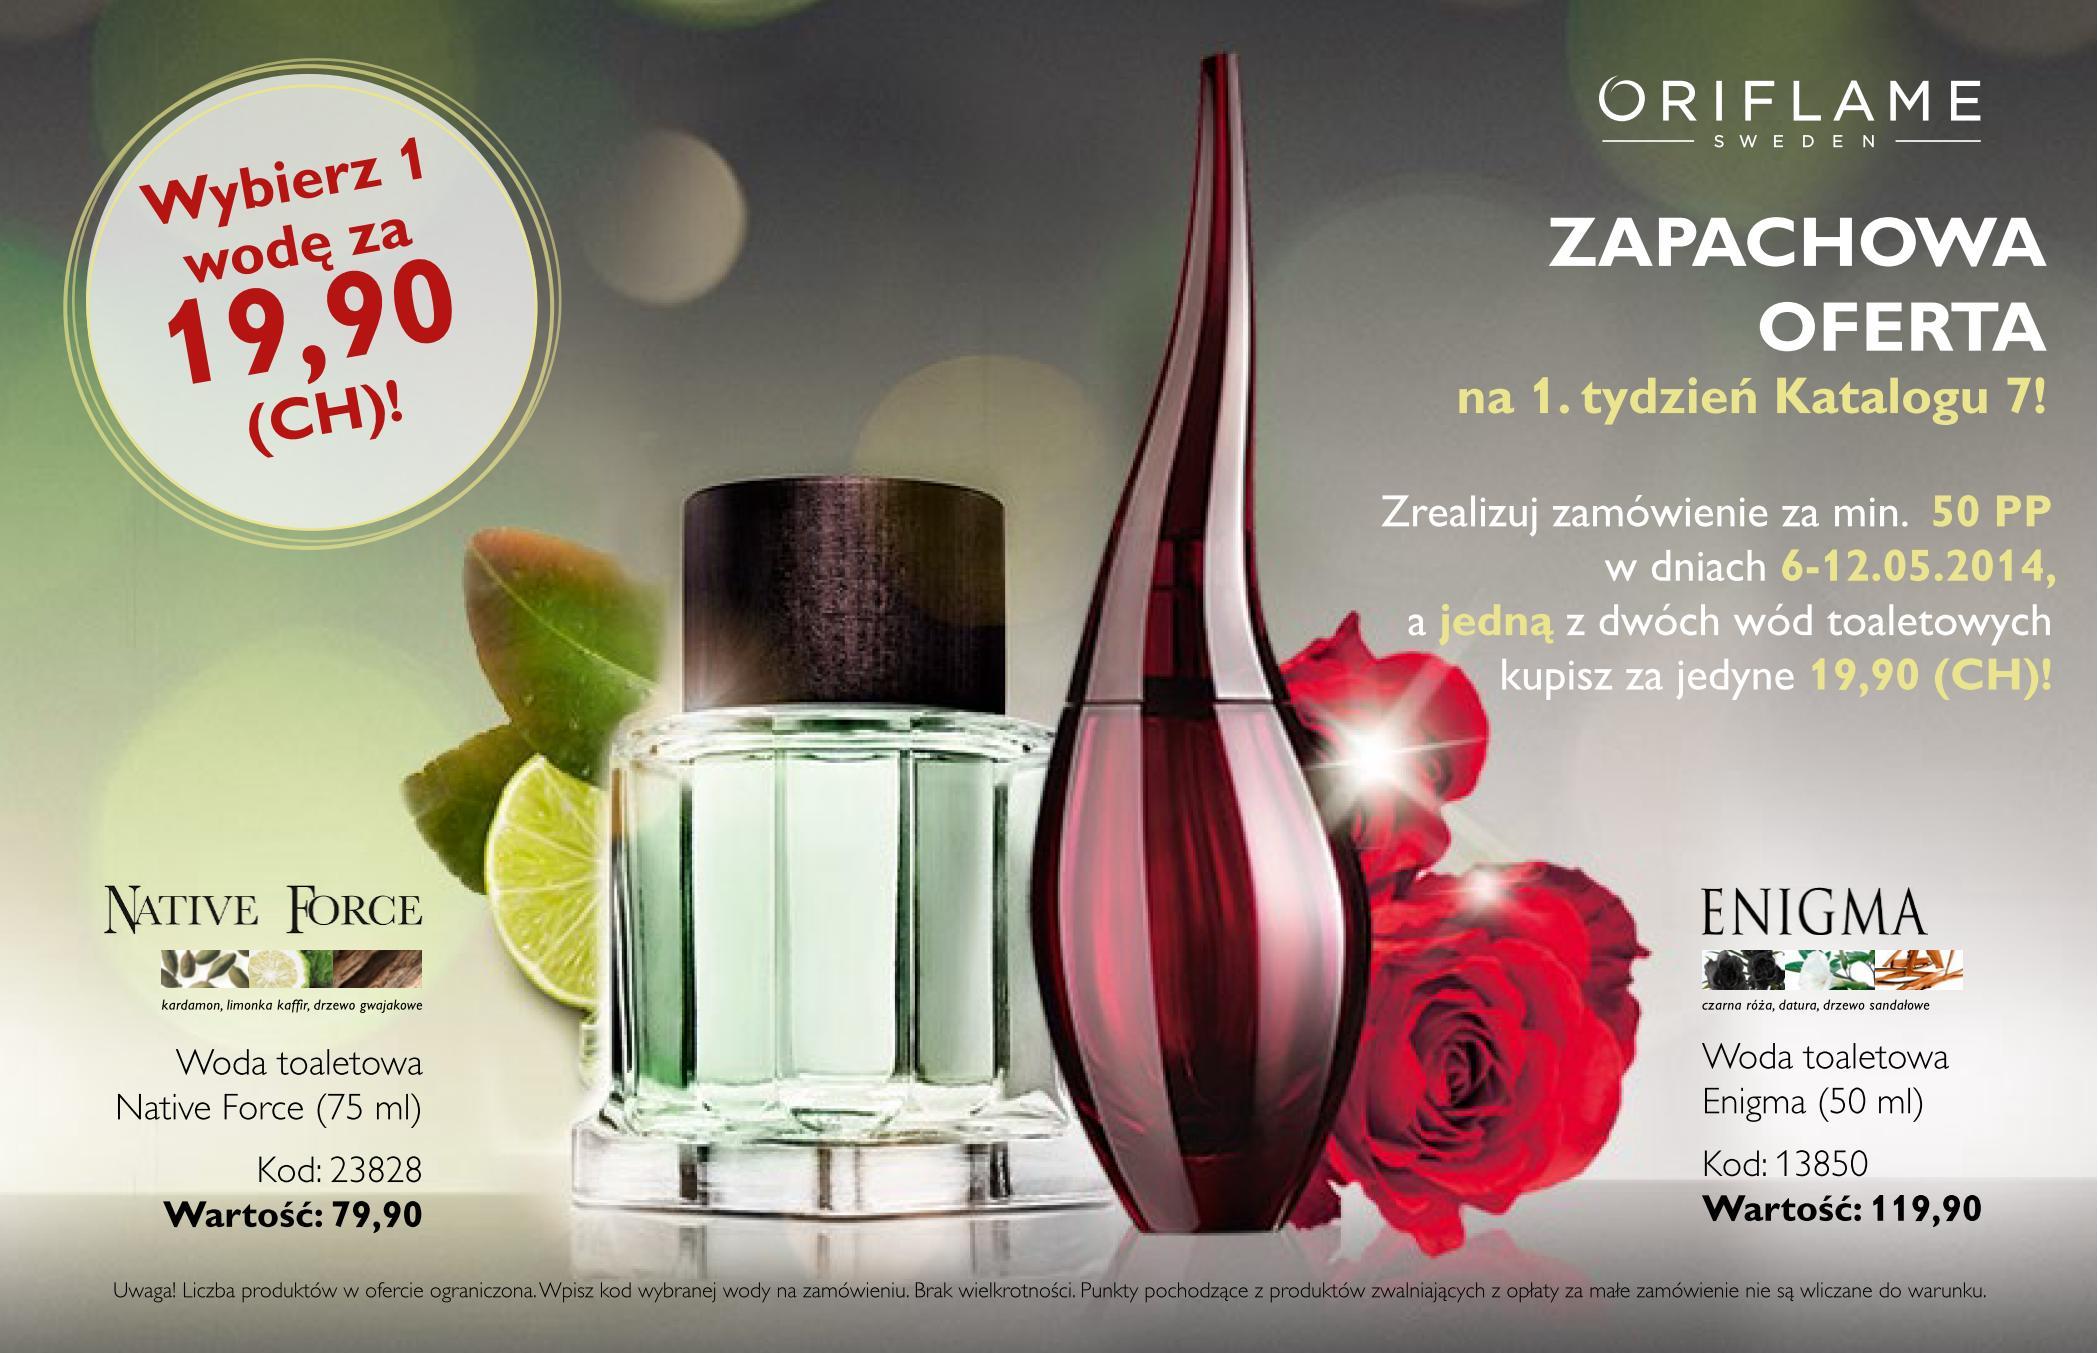 Katalog Oriflame 7 2014 oferta na 1 tydzień